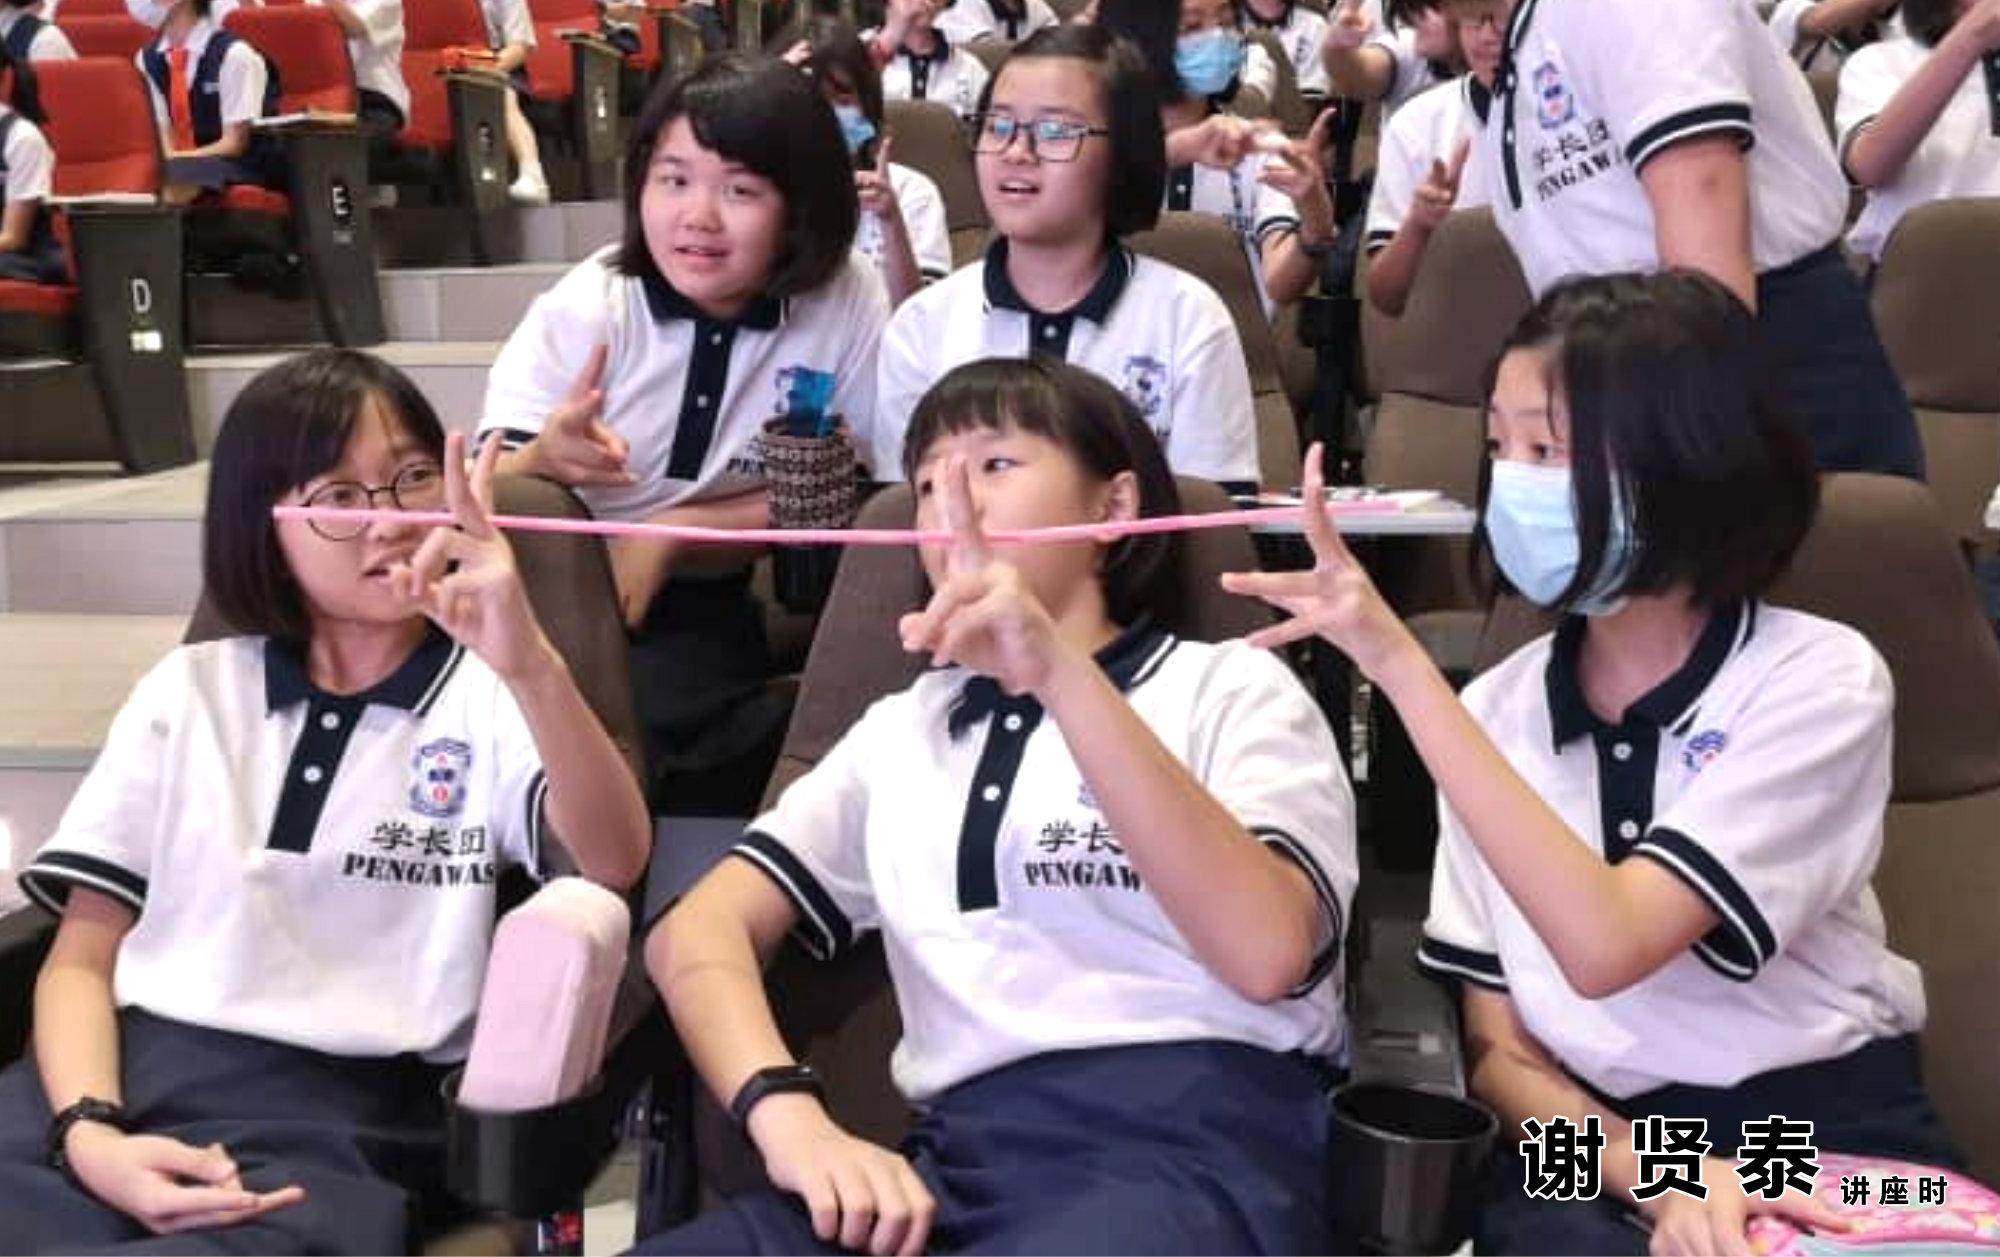 谢贤泰 新山宽柔一小 成为团队领袖 Be A Team Leader 2020小领袖培训营 麻坡小学领袖培训 新山小学培训 A010